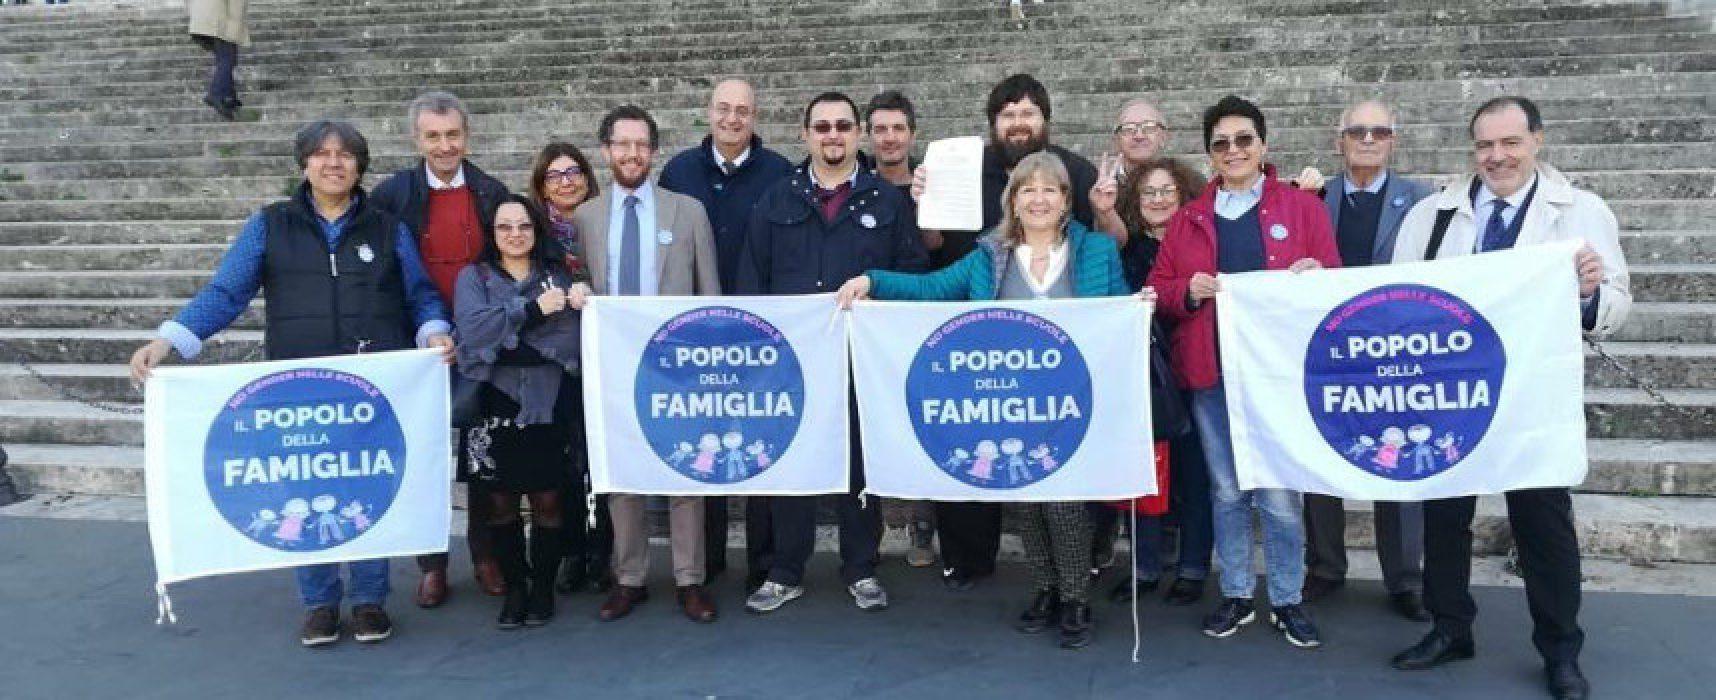 """Popolo della Famiglia, Sardella: """"Partita raccolta firme redditto di maternità"""""""